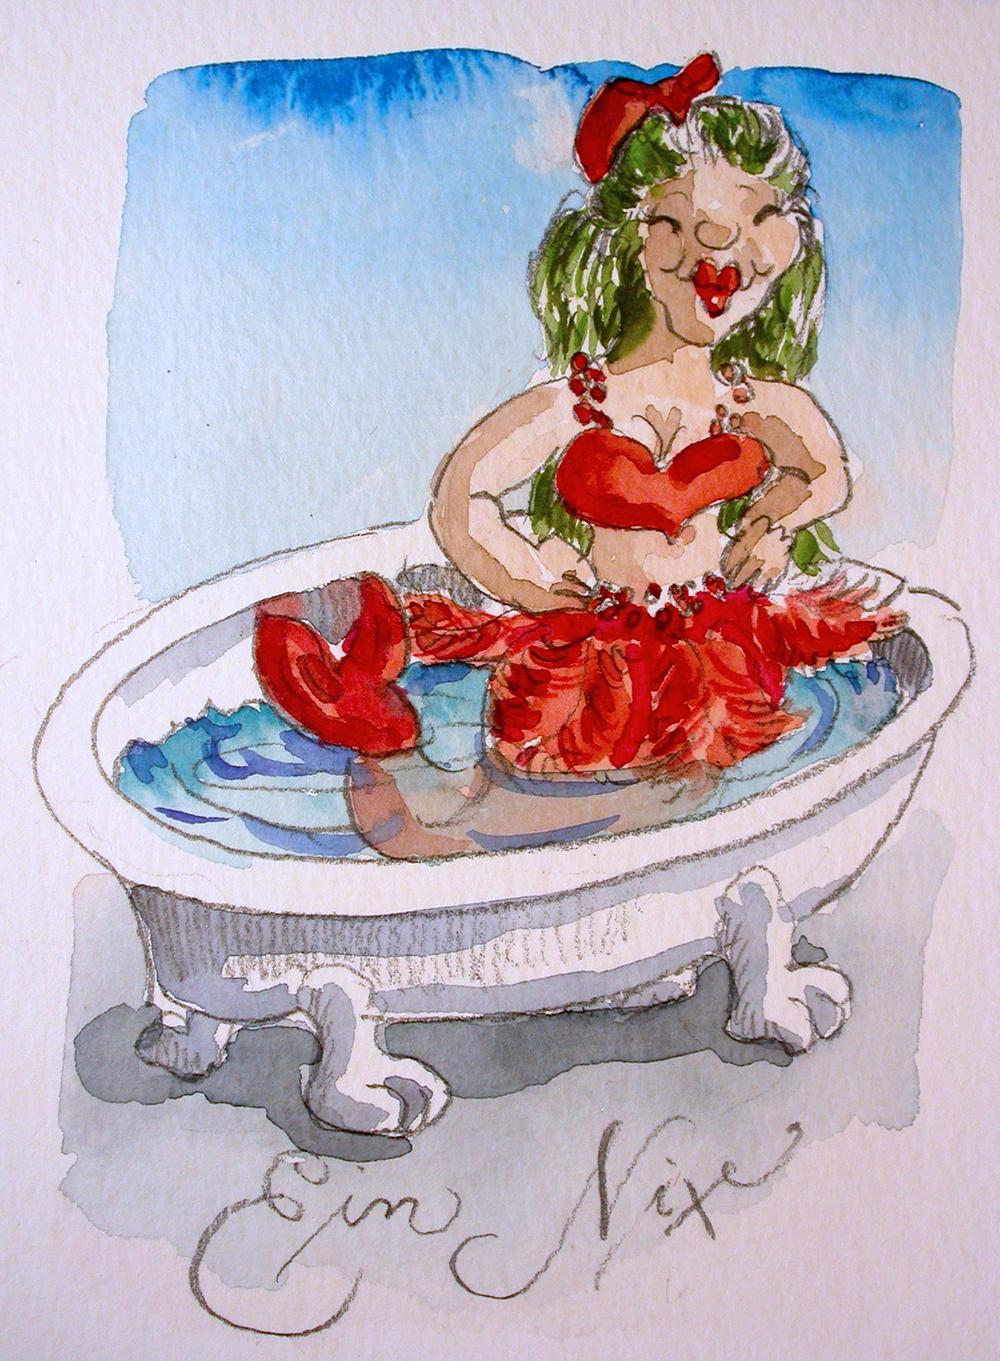 Nixe in der Badewanne